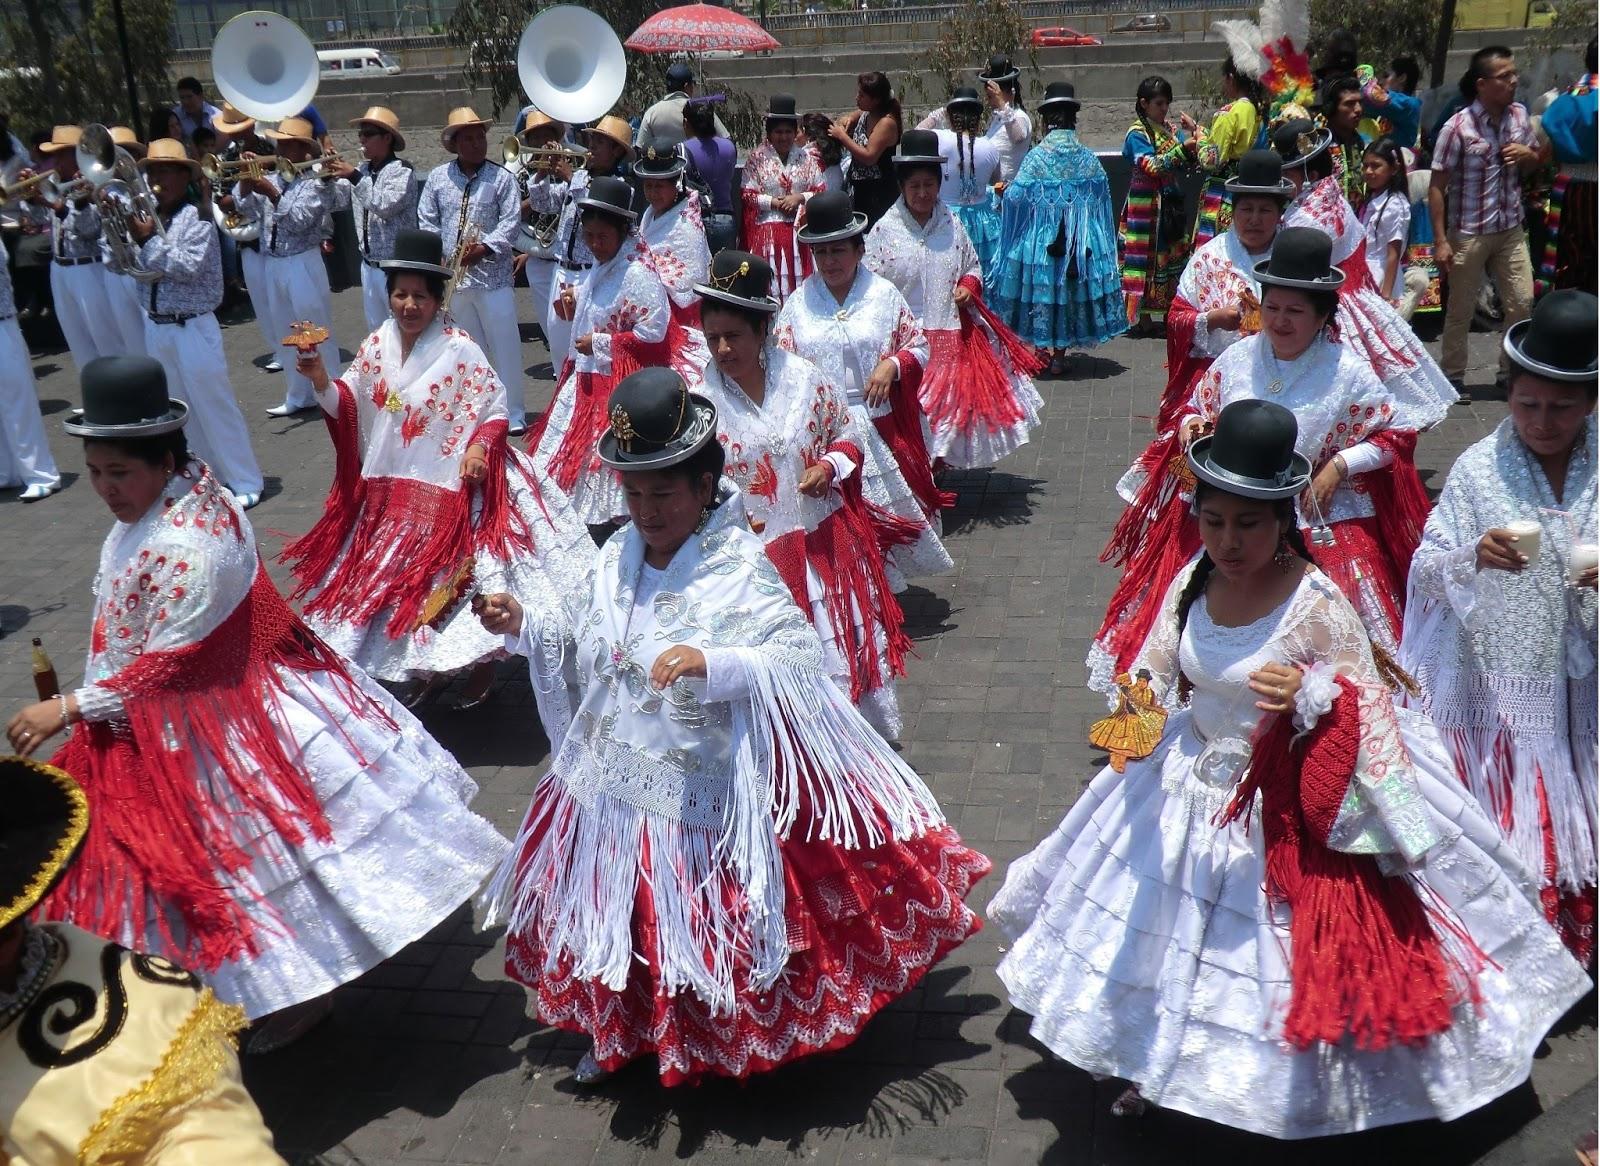 Danza morenada 2 - 5 3